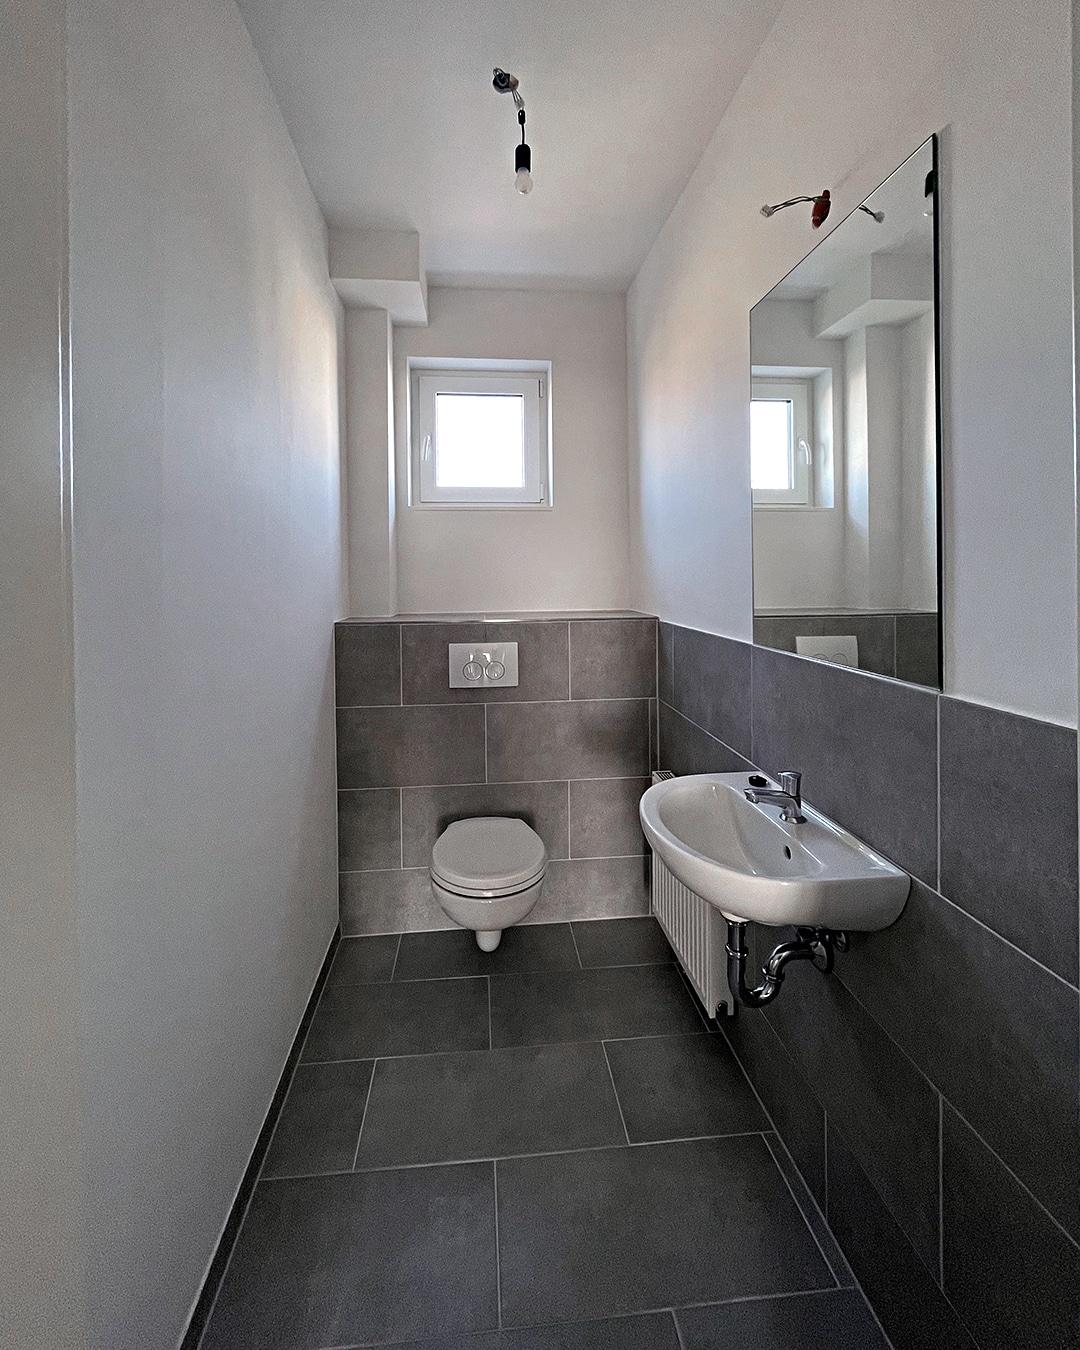 Bad 04, Architekturbüro Köln, Immobilie: Aufstockung + Innenausbau Mehrfamilienhaus